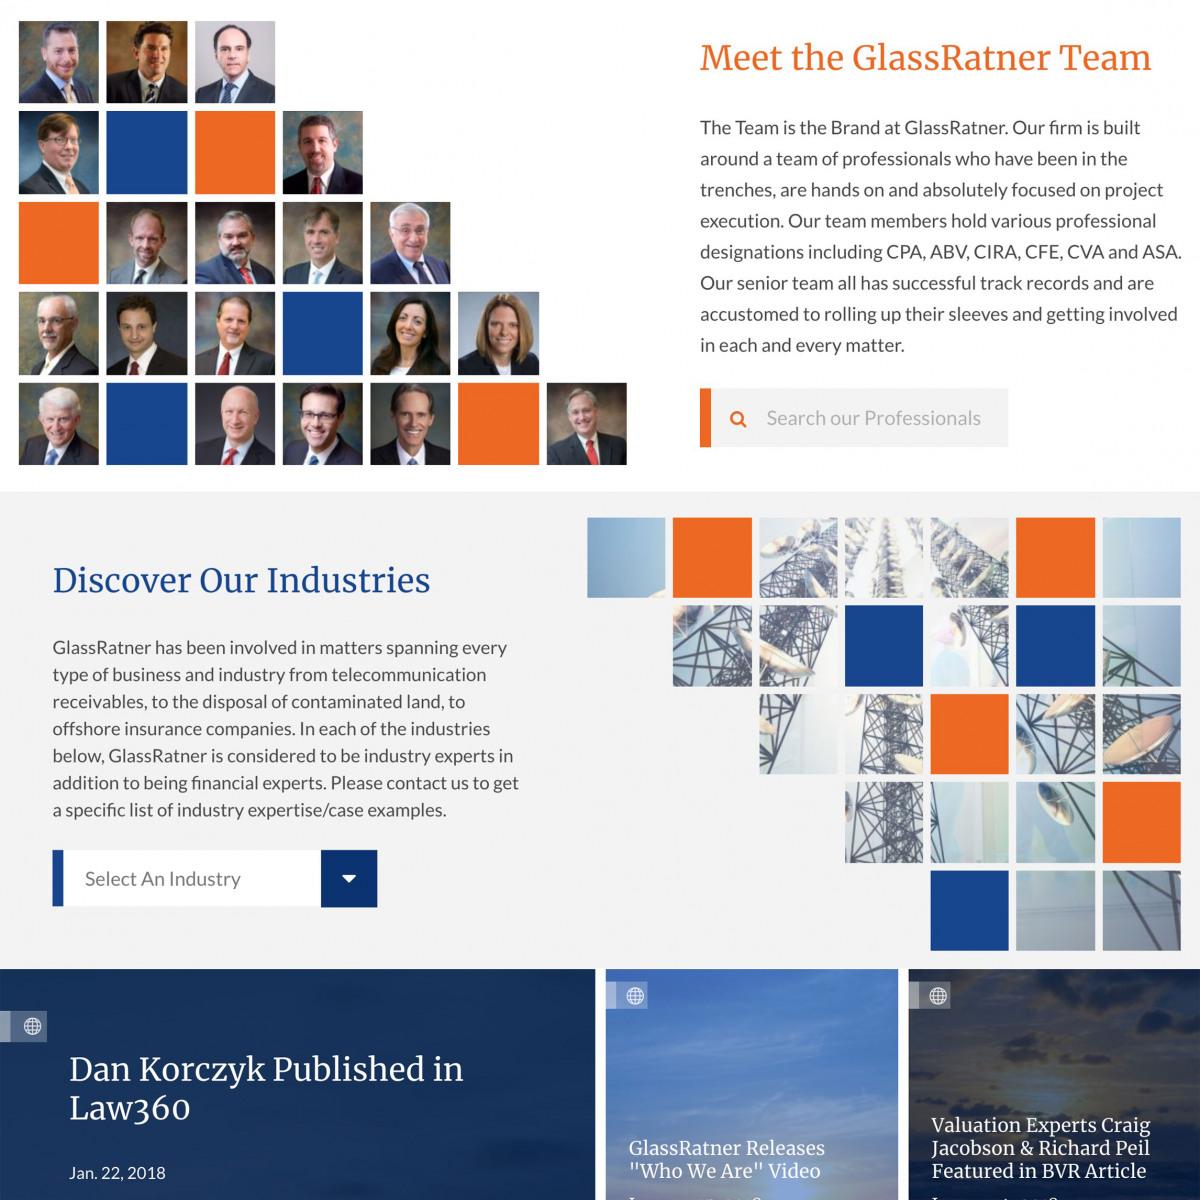 Image of website for GlassRatner